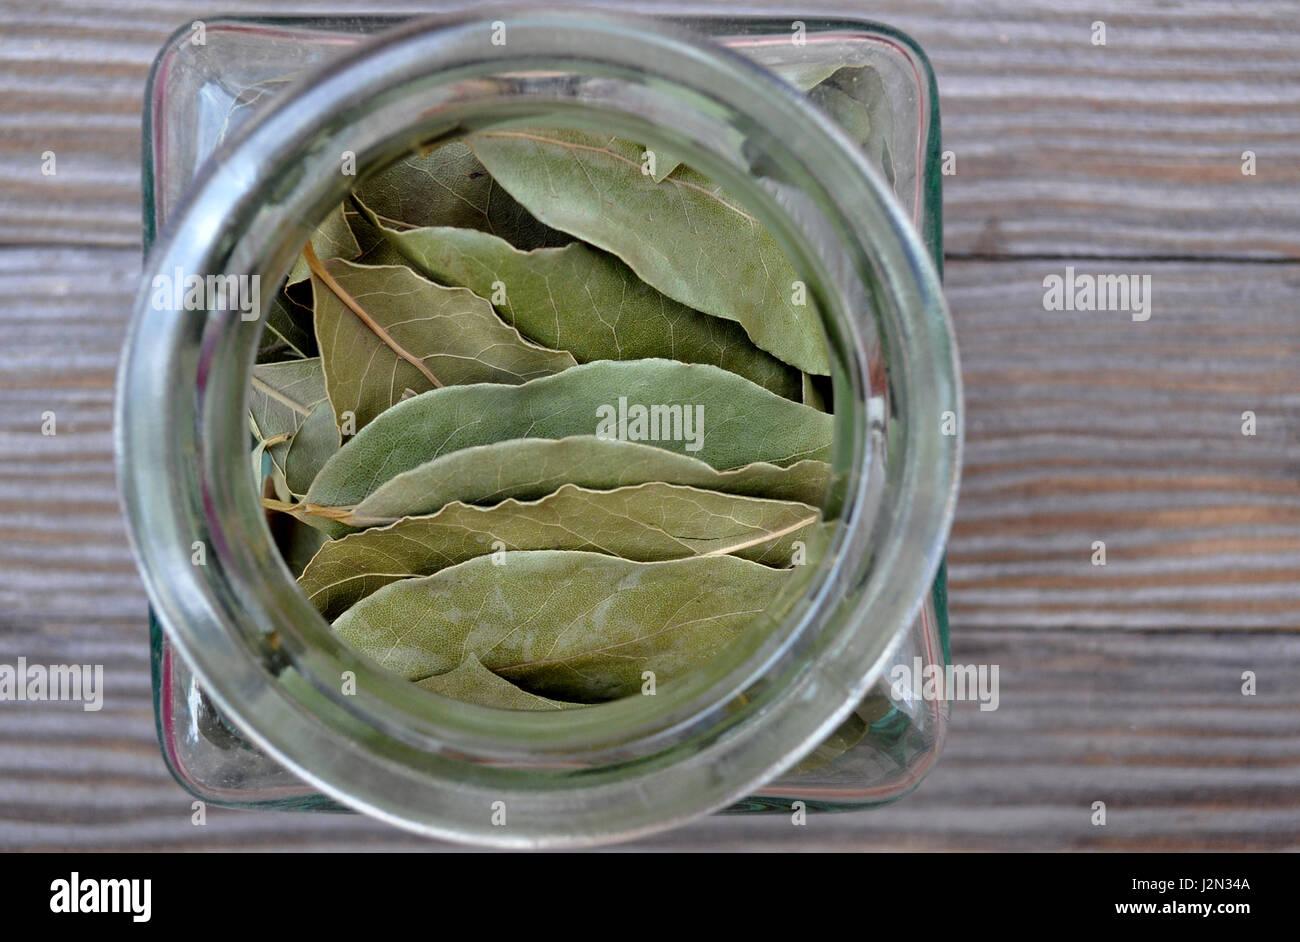 Pot en verre avec feuilles de laurier Photo Stock